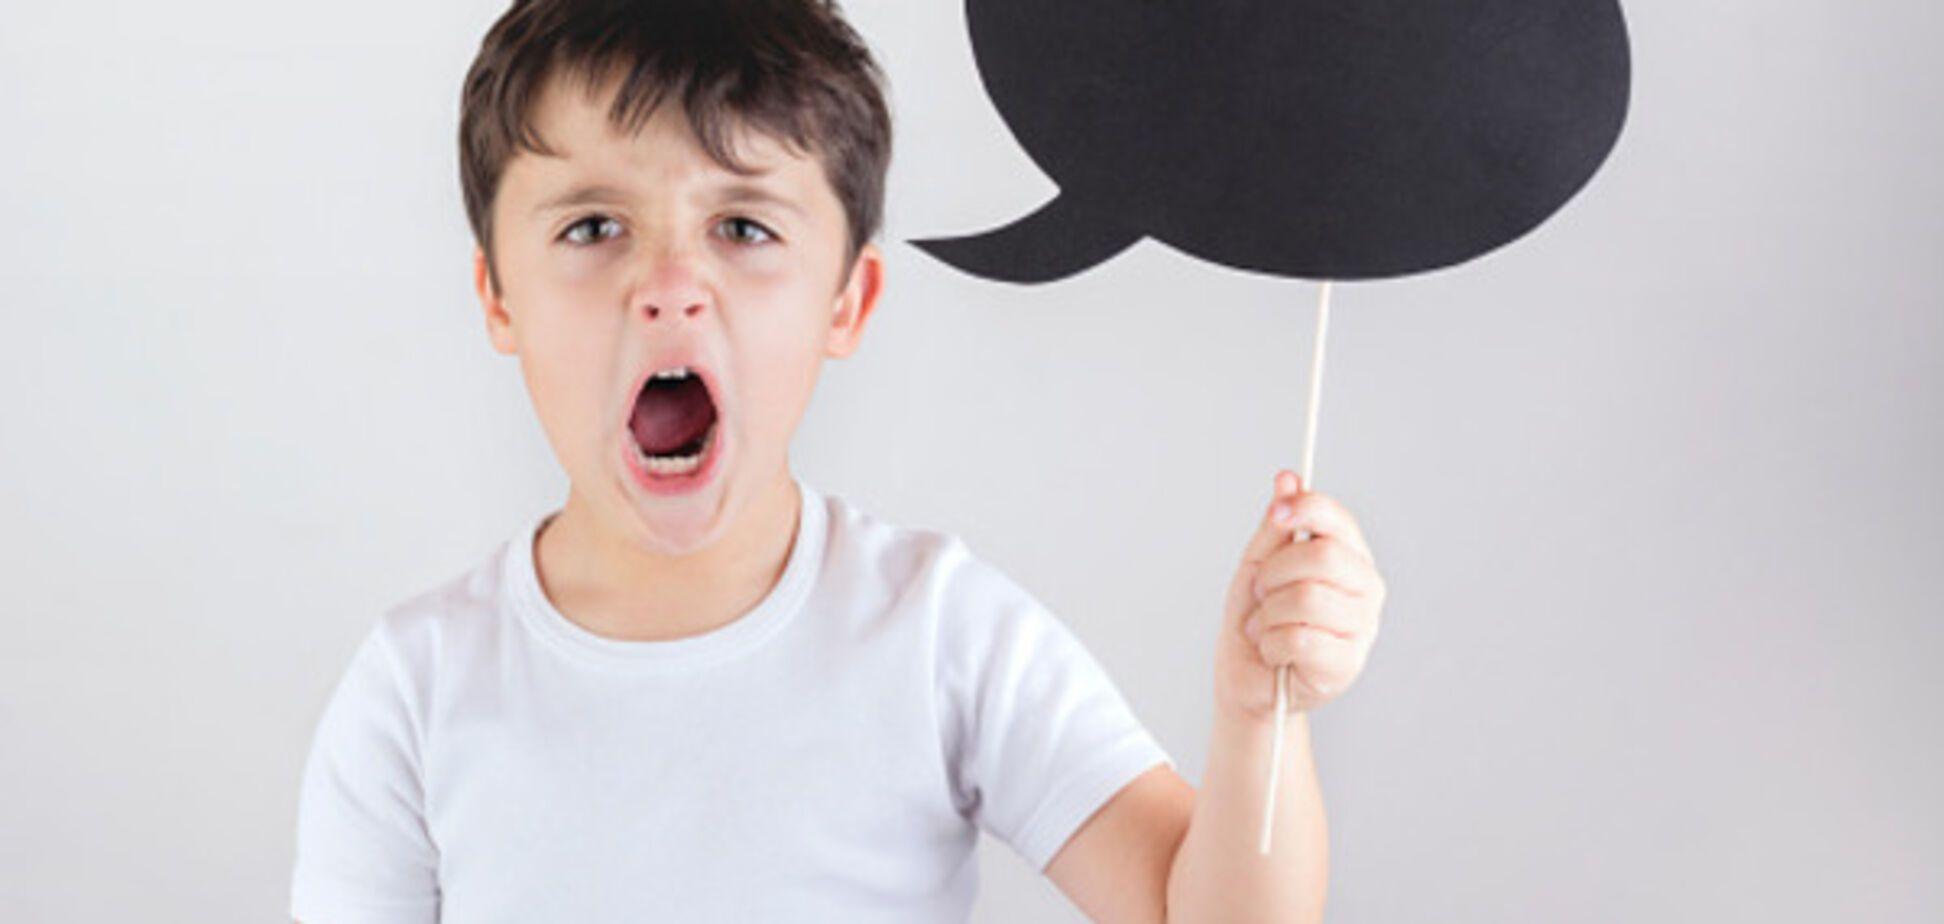 Як контролювати свій гнів: поради для дітей та батьків